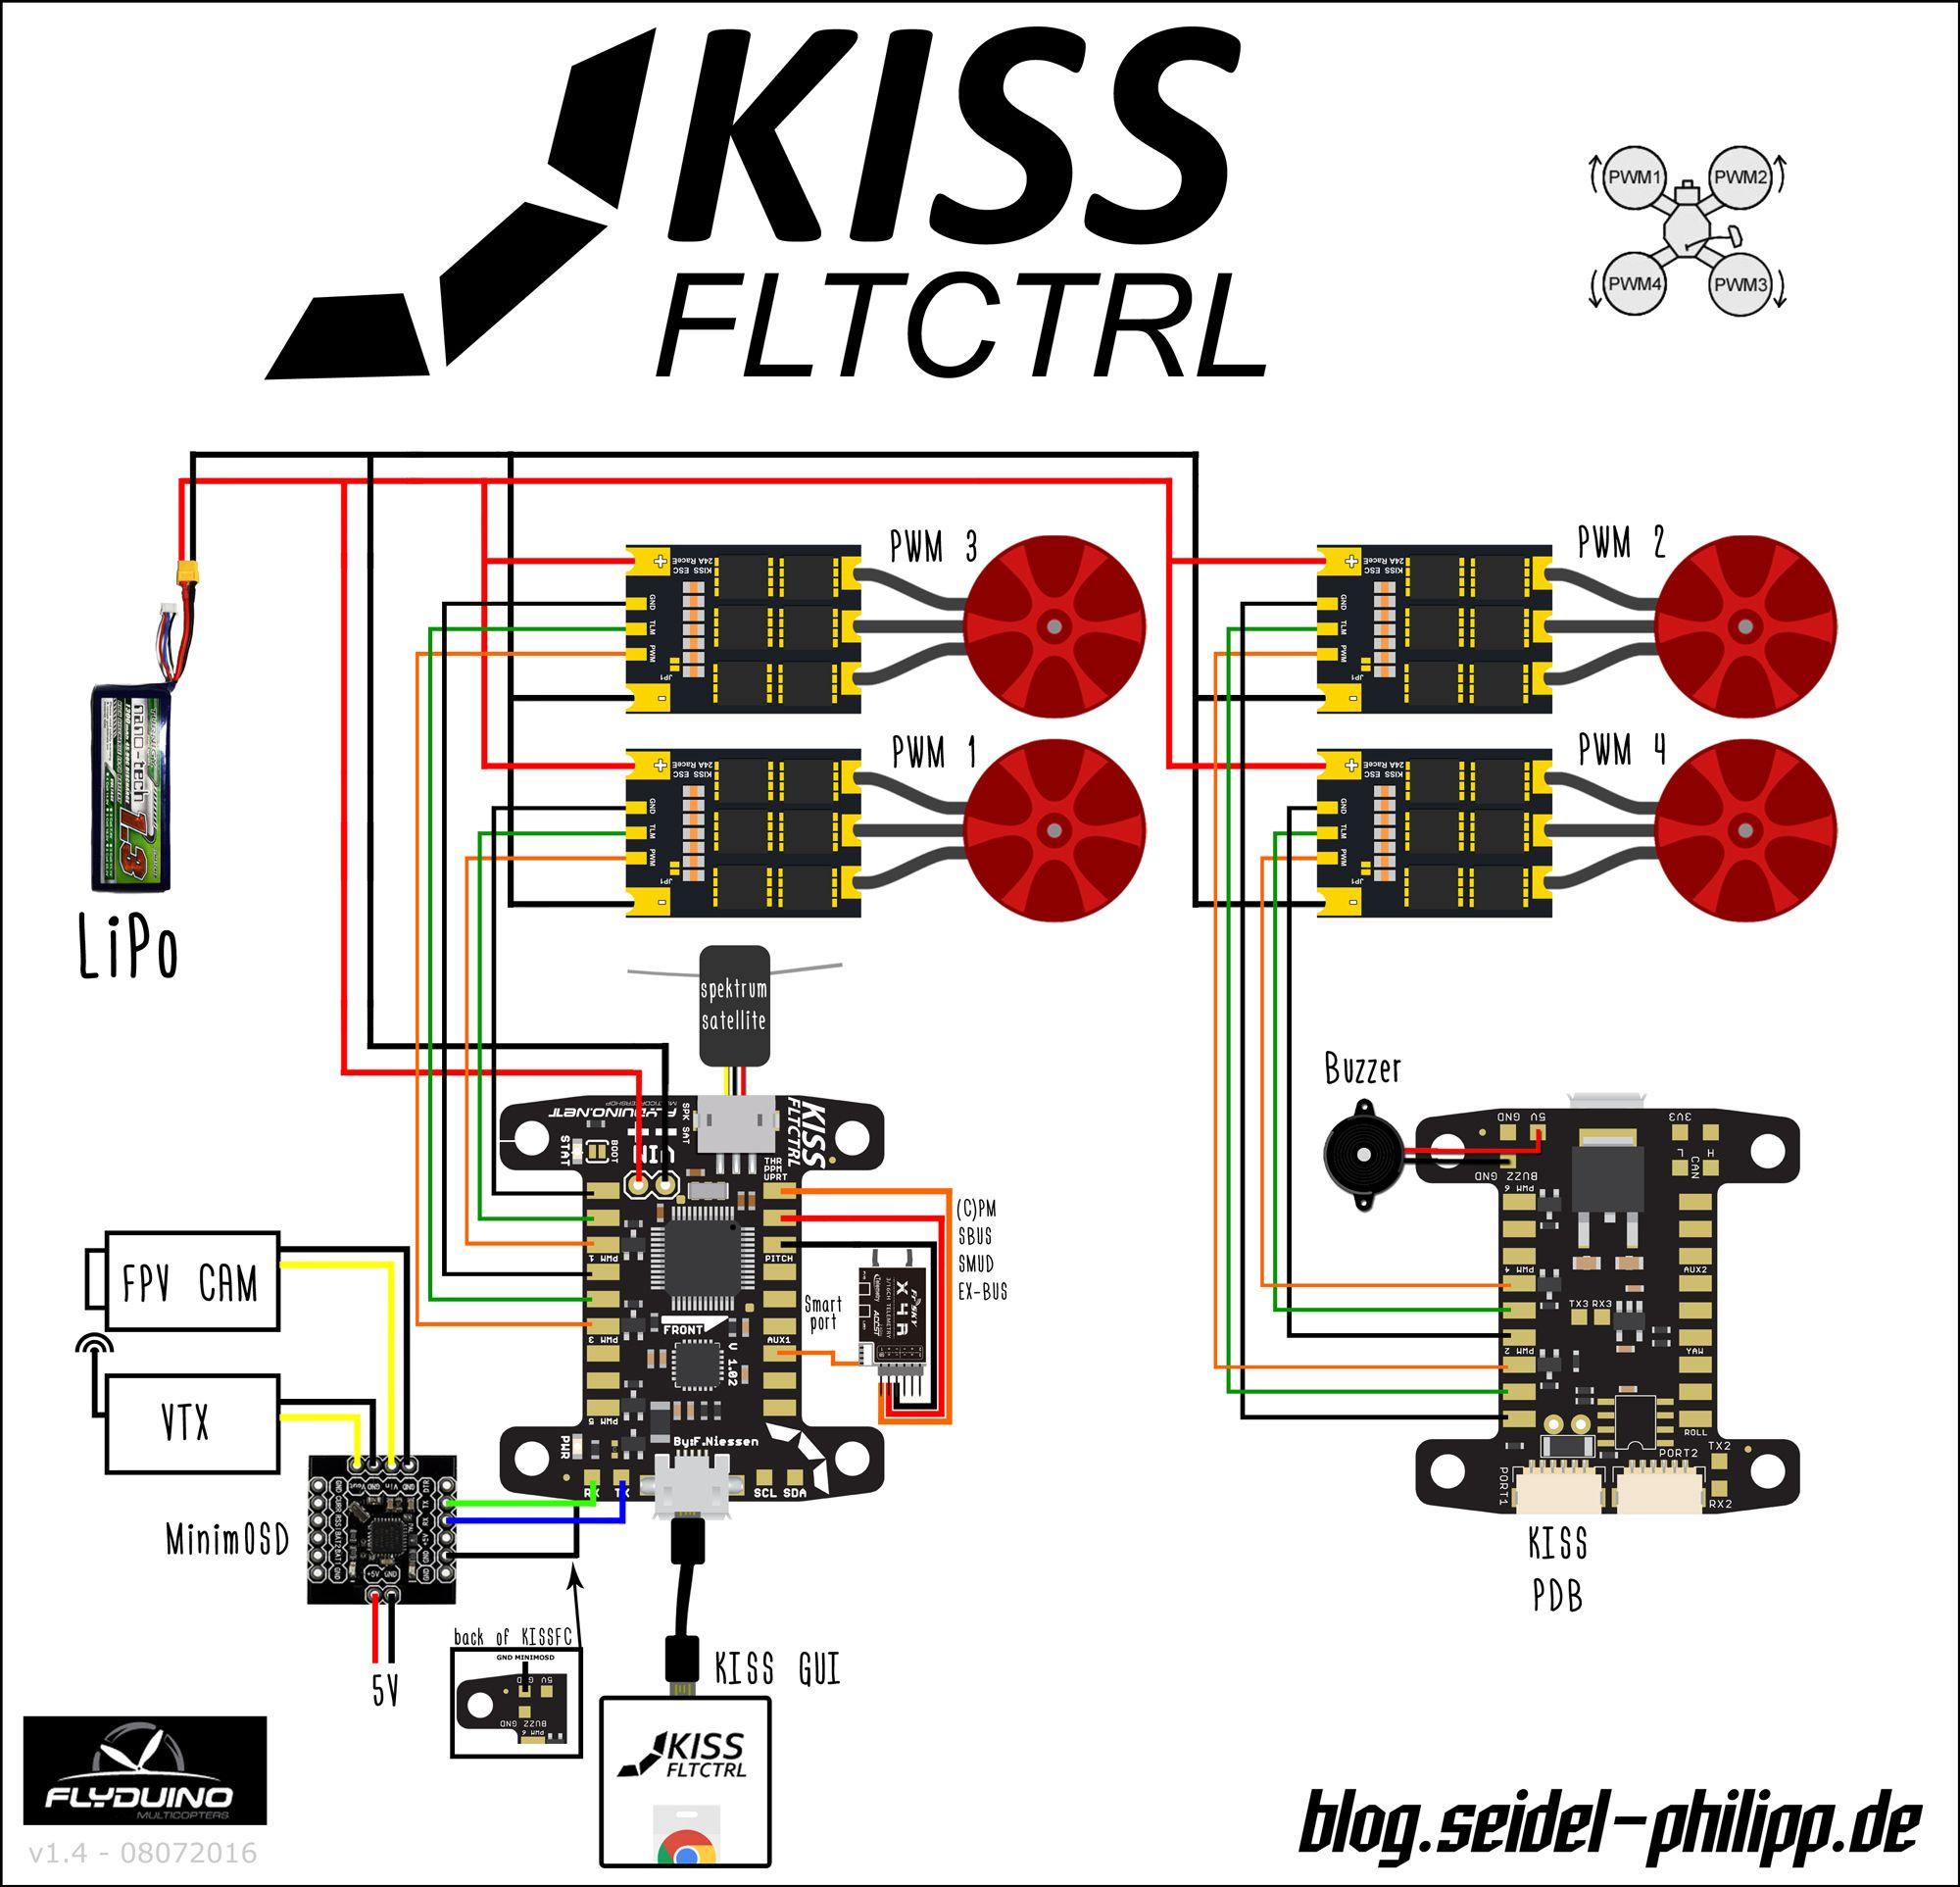 quadcopter wiring diagram manual df 0769  quadcopter wiring configuration  df 0769  quadcopter wiring configuration